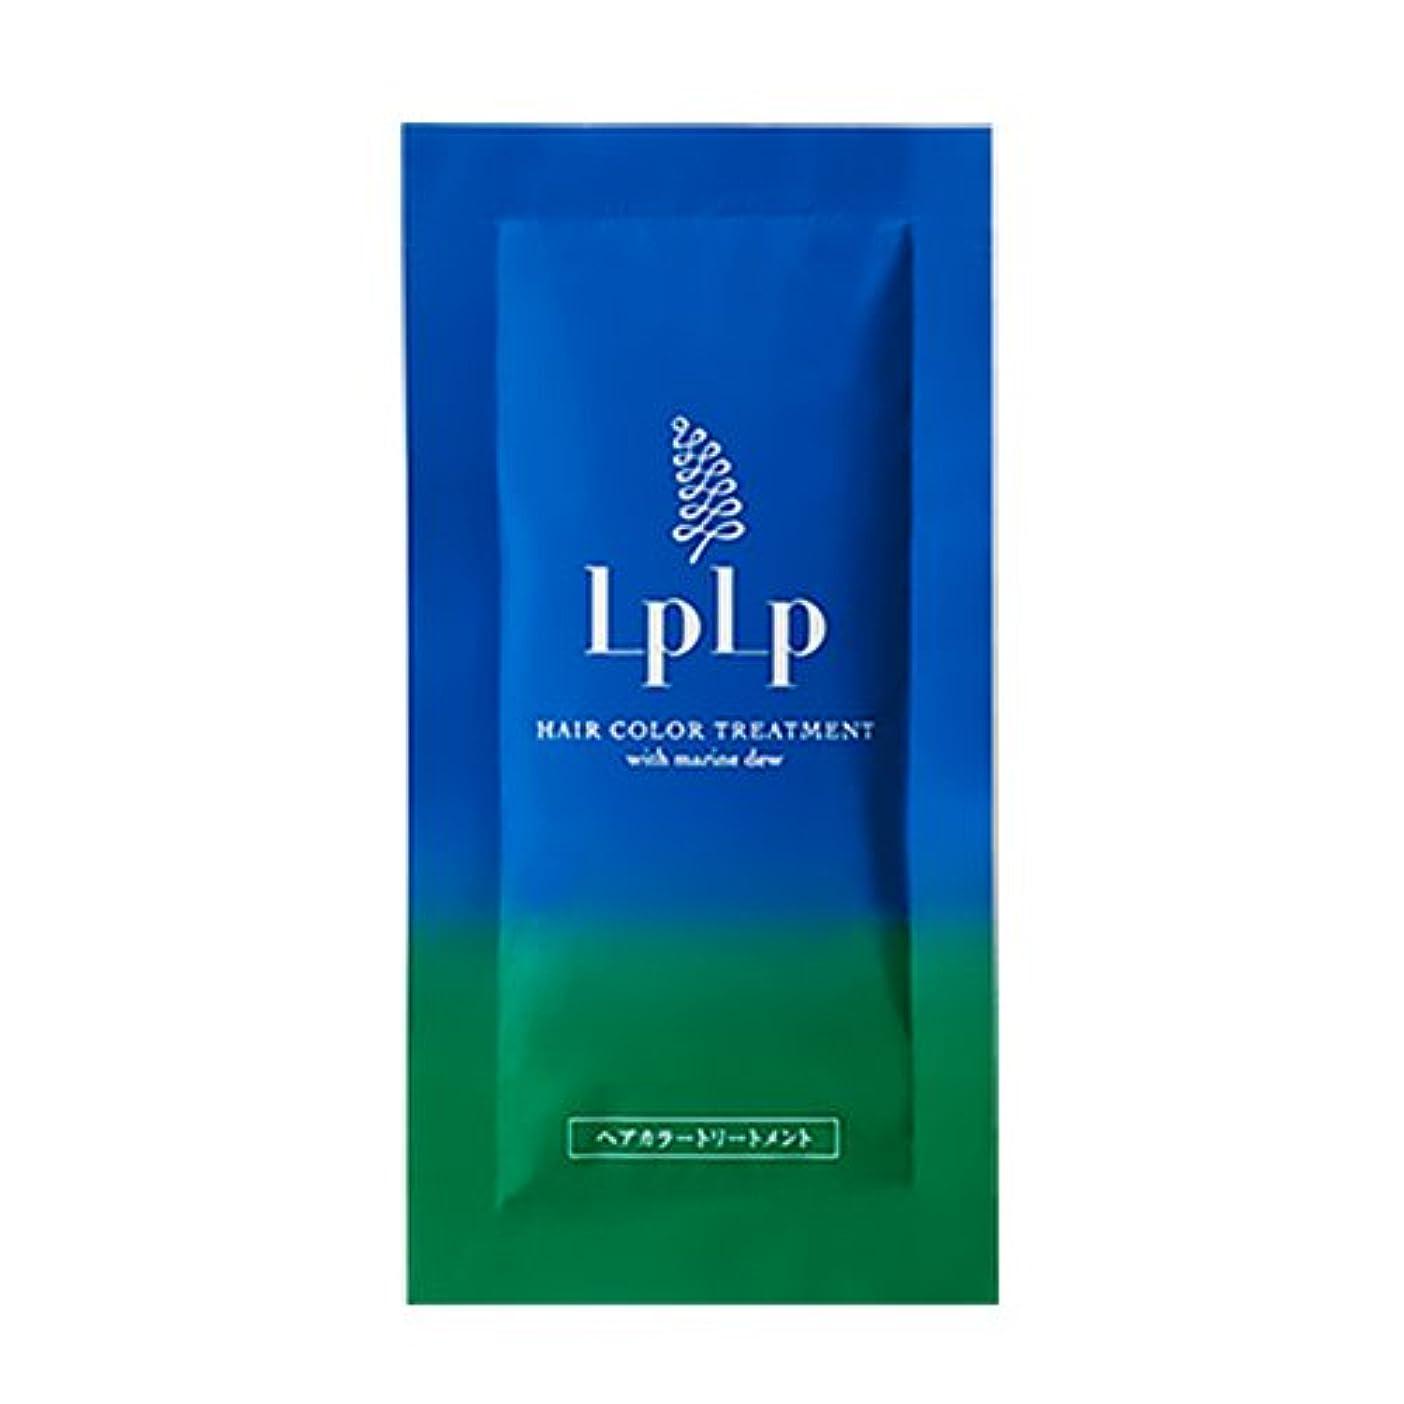 エスカレート衝動抵抗LPLP(ルプルプ)ヘアカラートリートメントお試しパウチ ソフトブラック